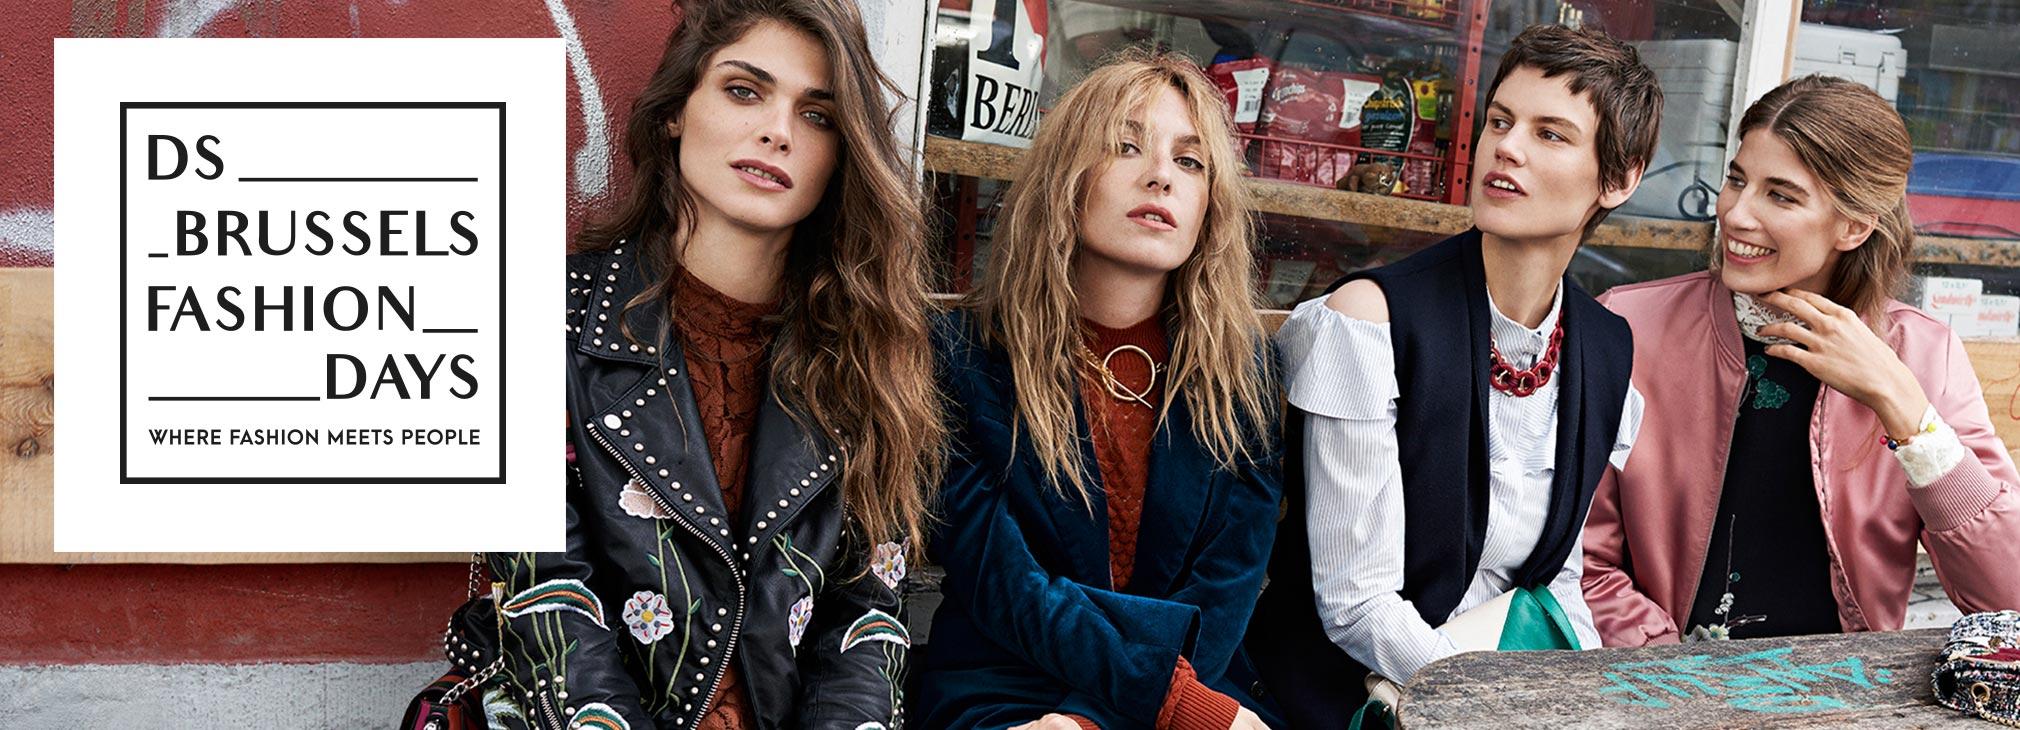 Brand Story: Étape réussie pour les DS Fashion Days de Bruxelles